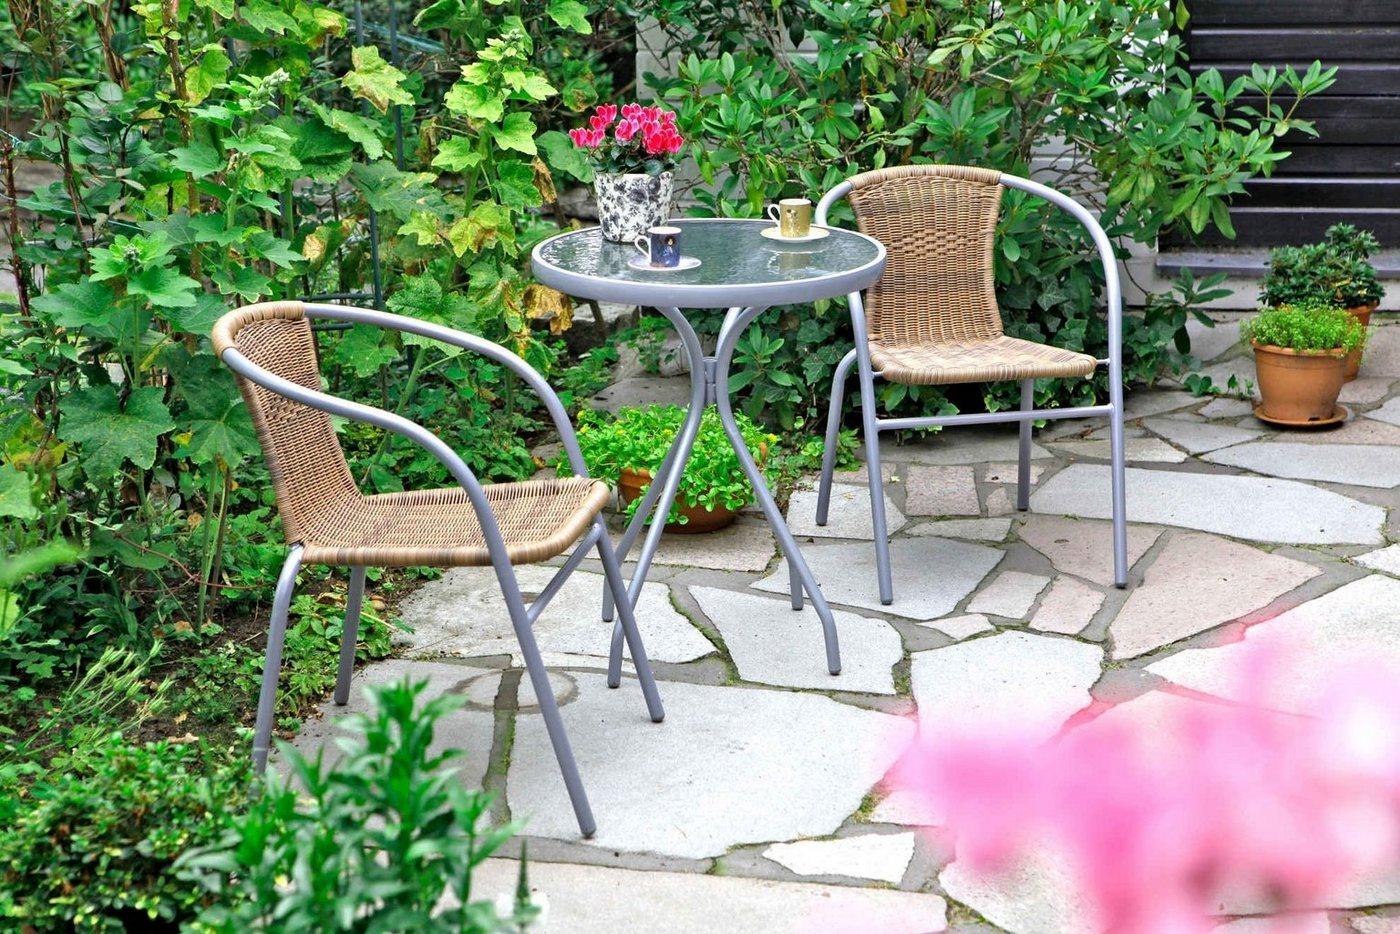 Tuinmeubelset Alassio, 2 stoelen, tafelØ60 cm, poly-rotan, staal